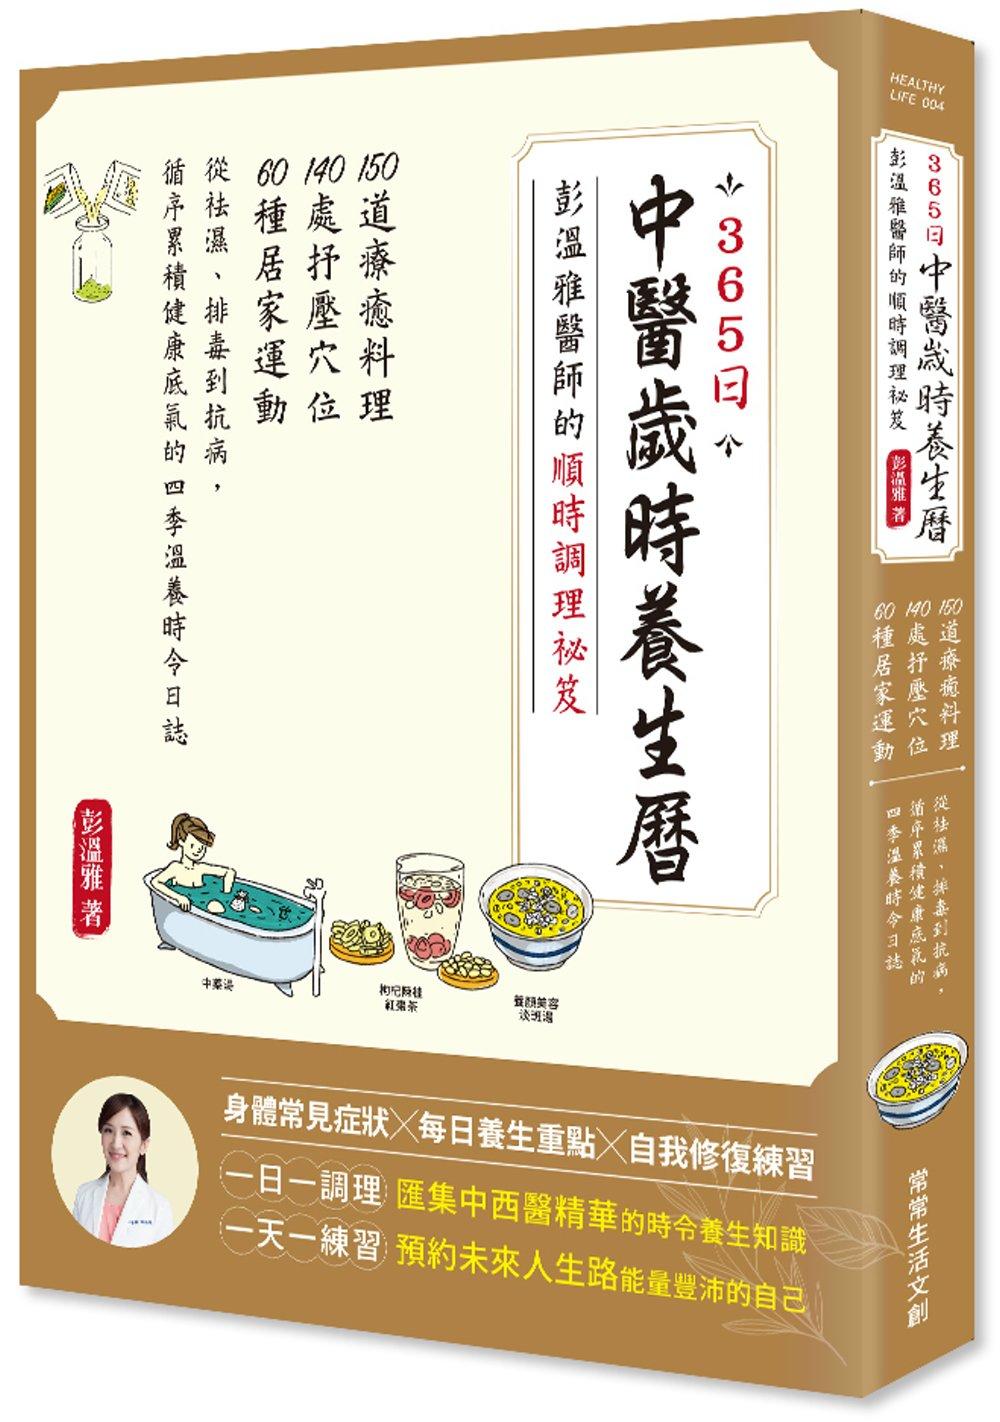 365日中醫歲時養生曆・彭溫雅...